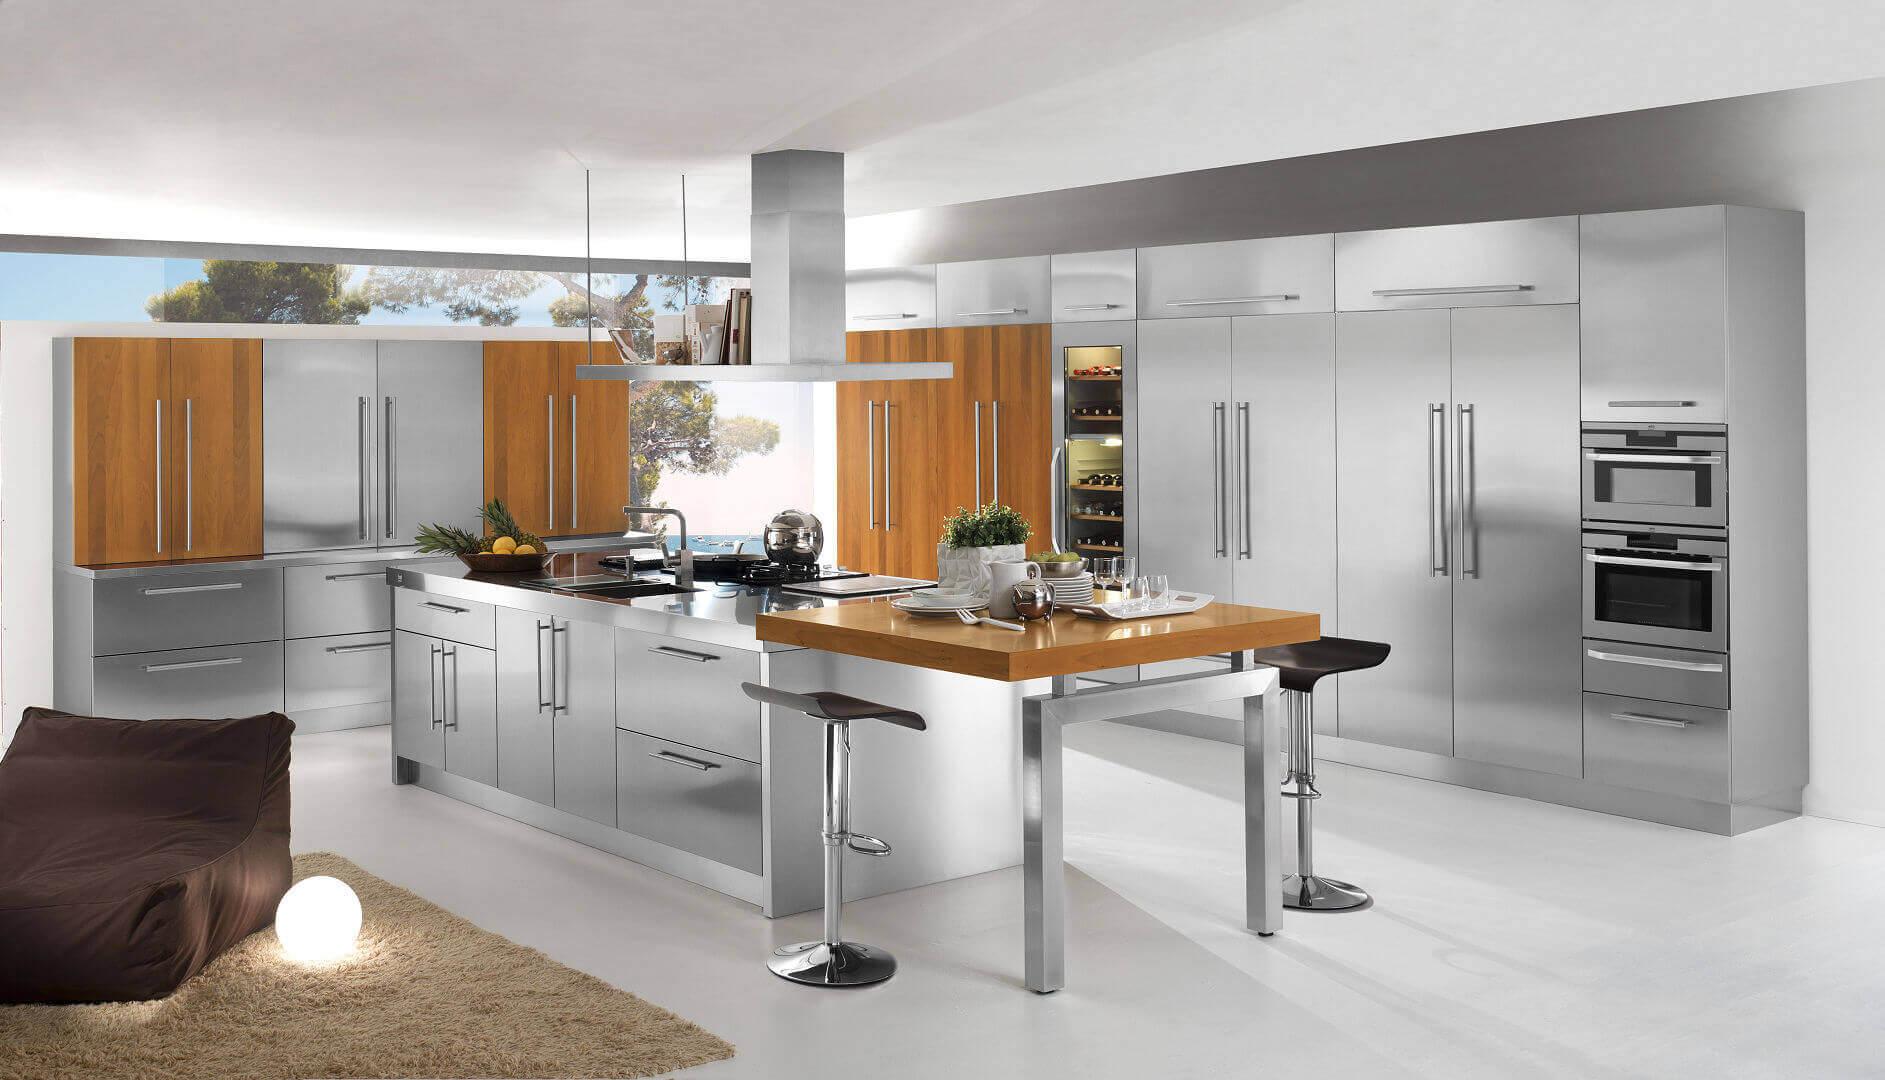 Home - Arca Cucine Italia - Cucine in Acciaio Inox